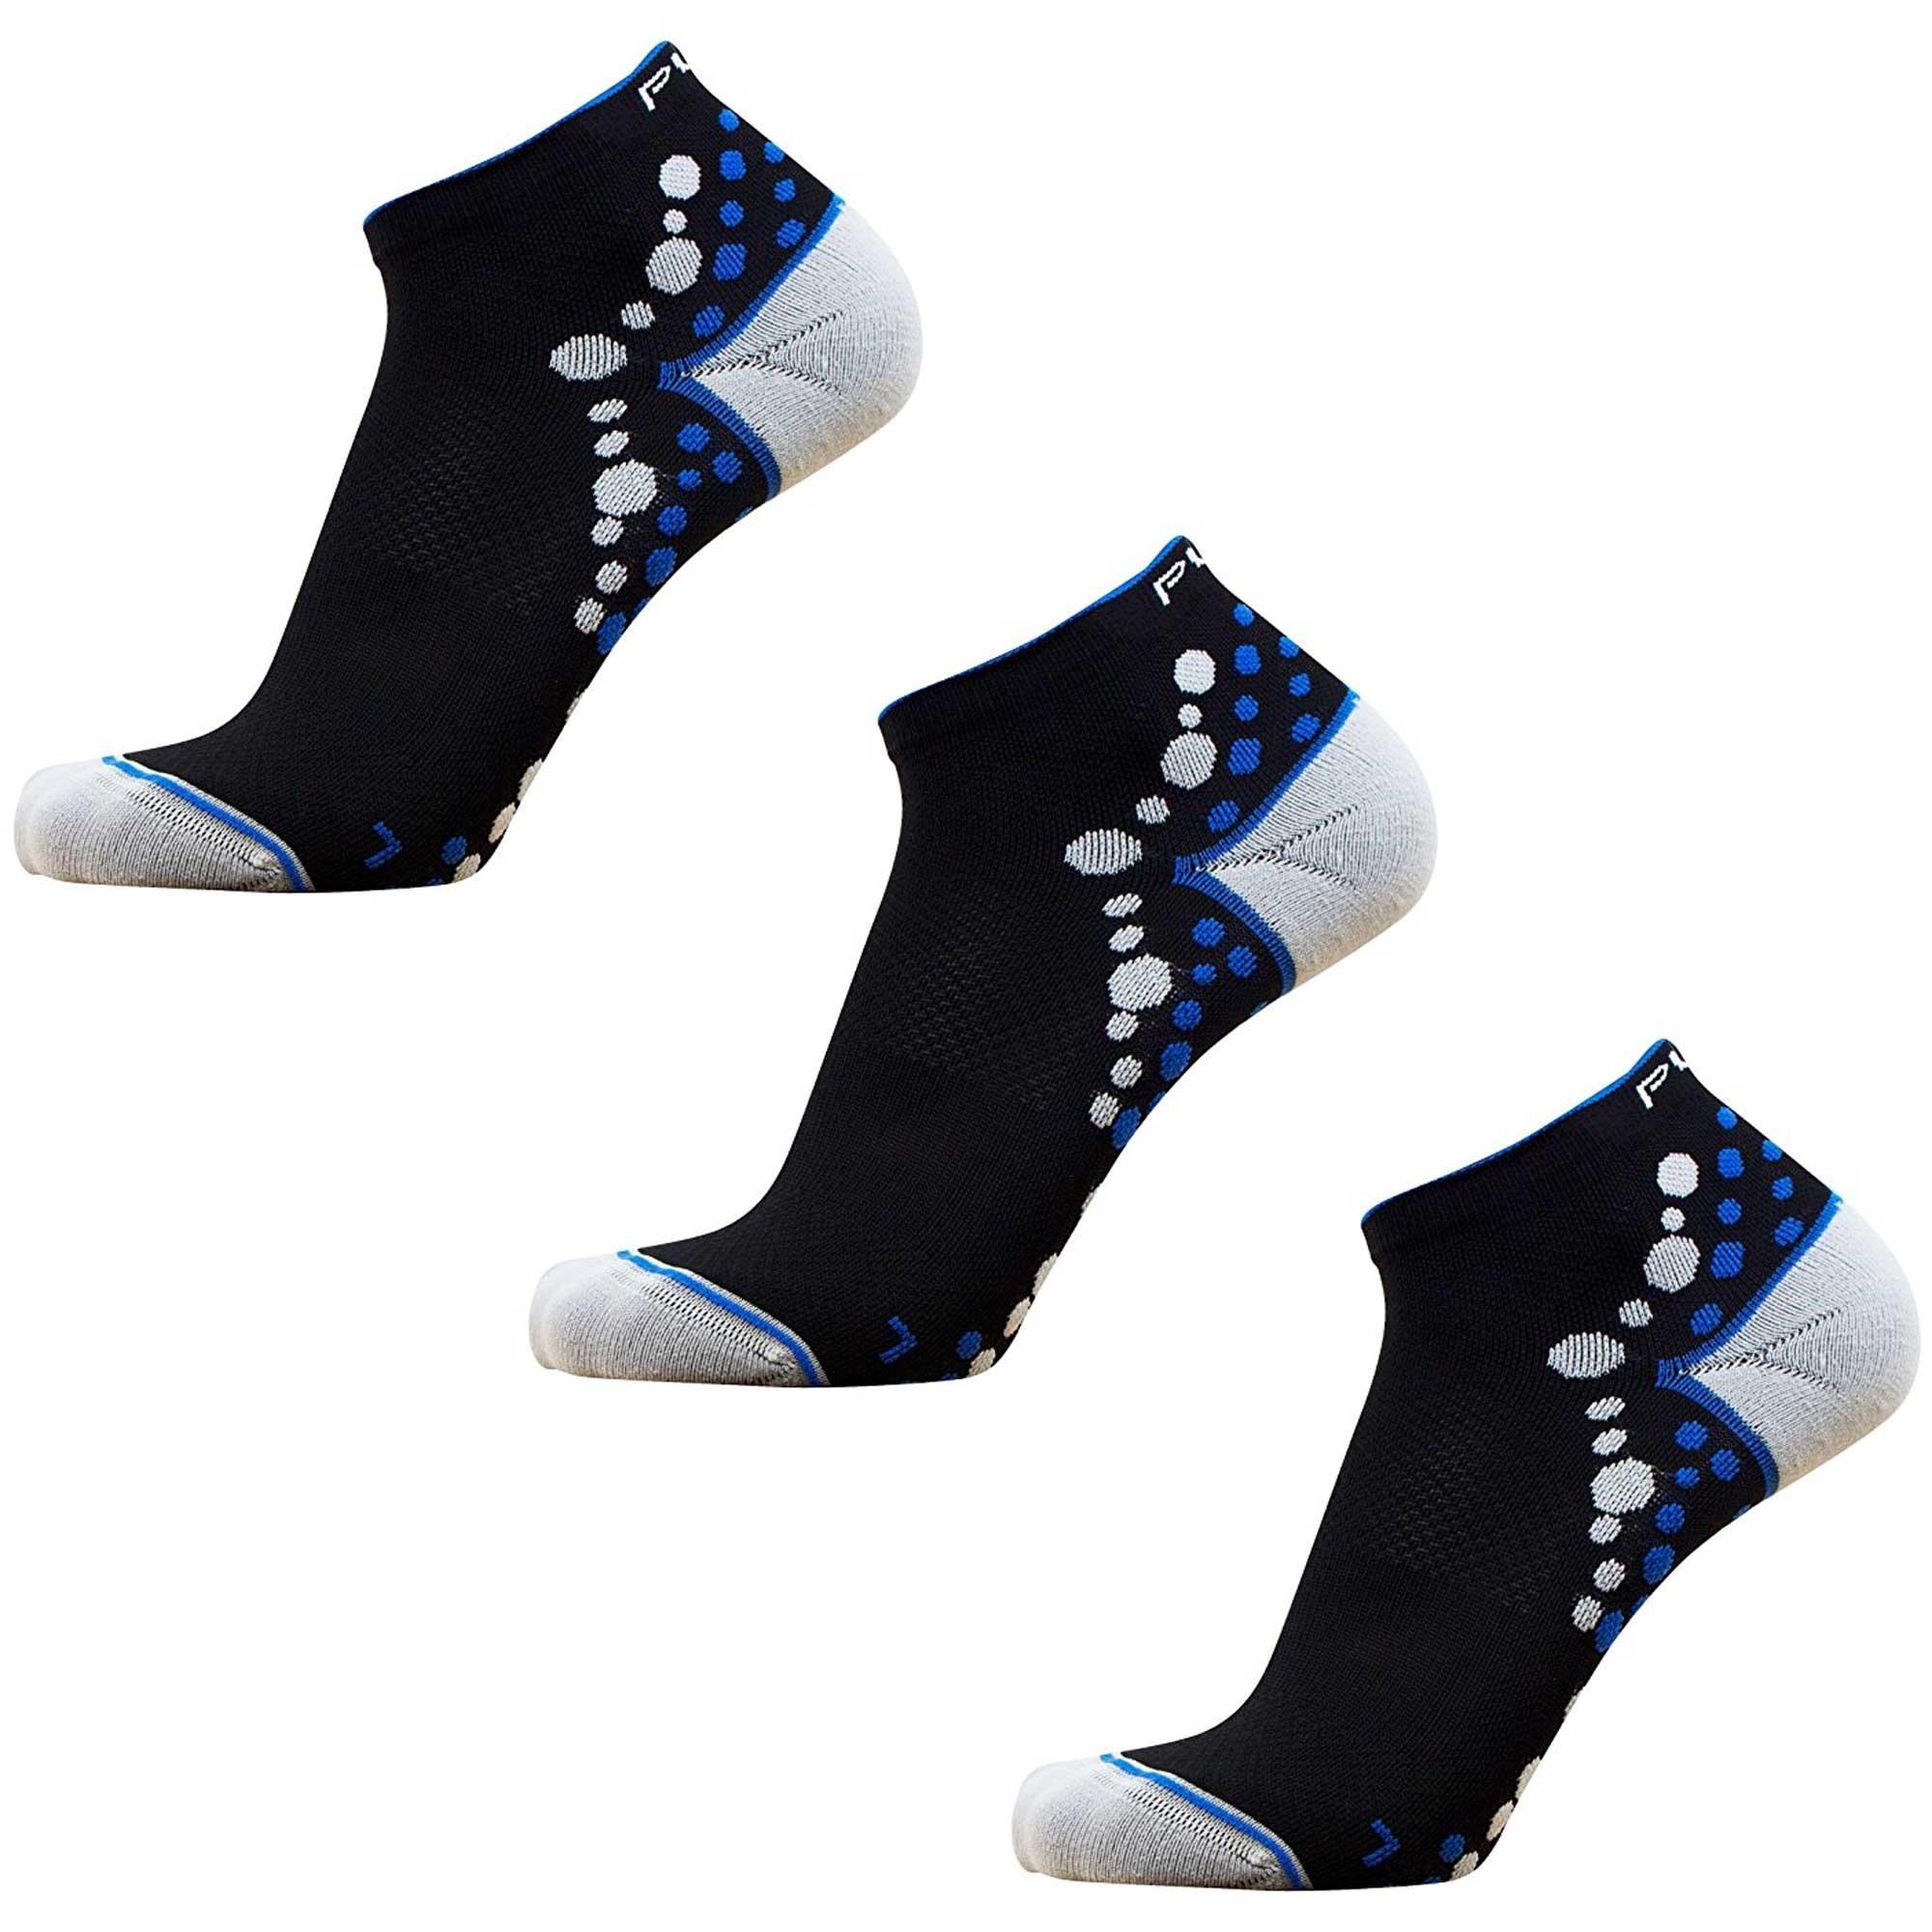 Pure Athlete Ultra-Comfortable Running Socks - Anti-Blister Dot Technology, Moisture Wicking (Black/Blue - 3 Pack, S/M)